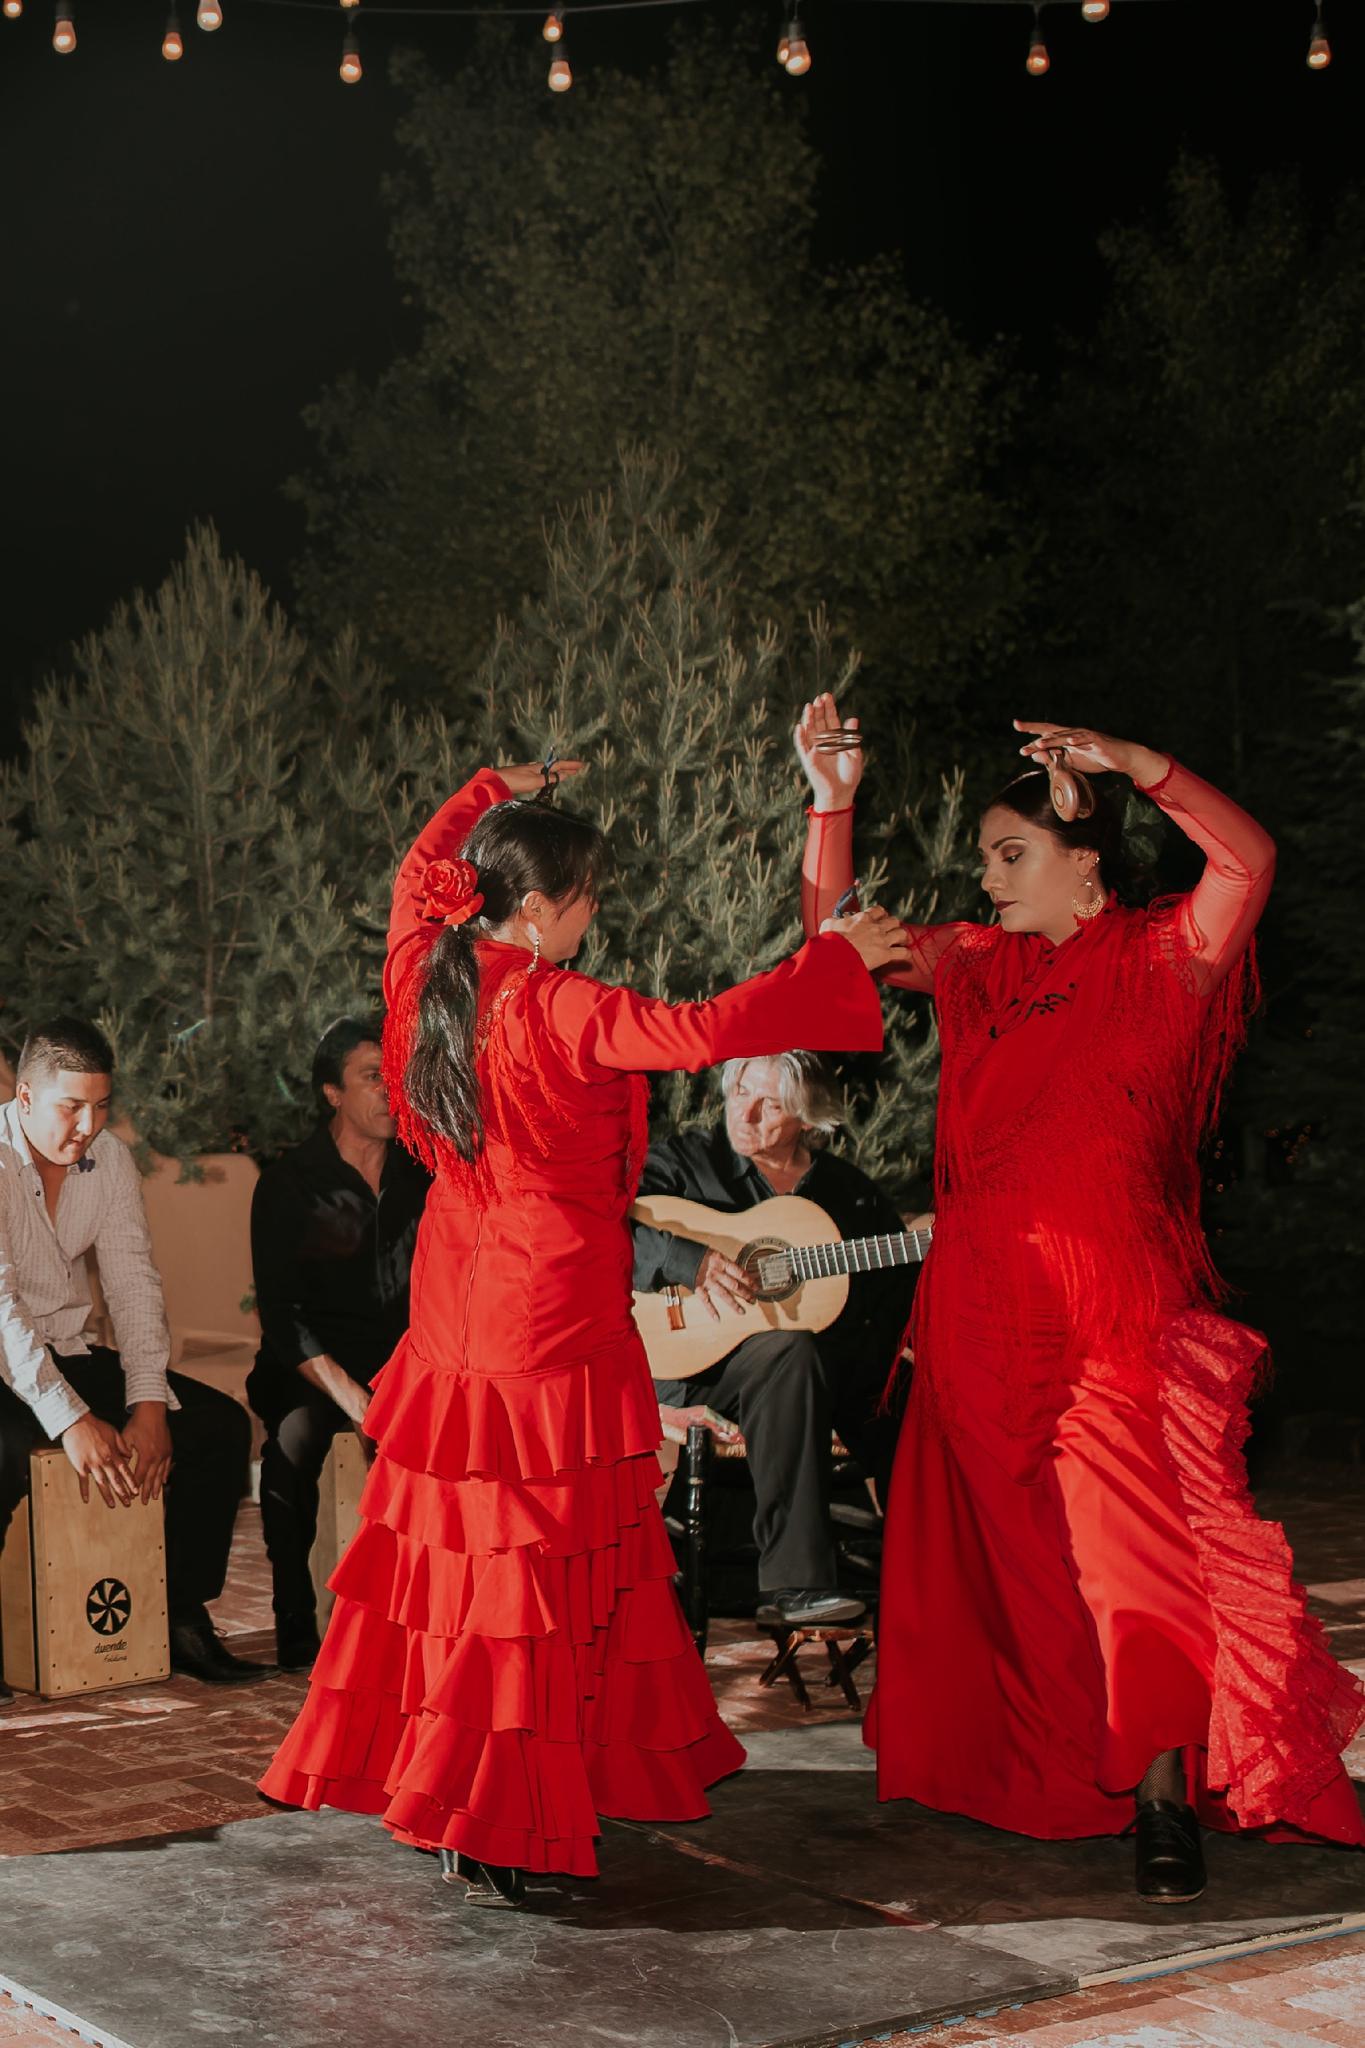 Alicia+lucia+photography+-+albuquerque+wedding+photographer+-+santa+fe+wedding+photography+-+new+mexico+wedding+photographer+-+new+mexico+wedding+-+santa+fe+wedding+-+albuquerque+wedding+-+southwest+wedding+traditions_0028.jpg